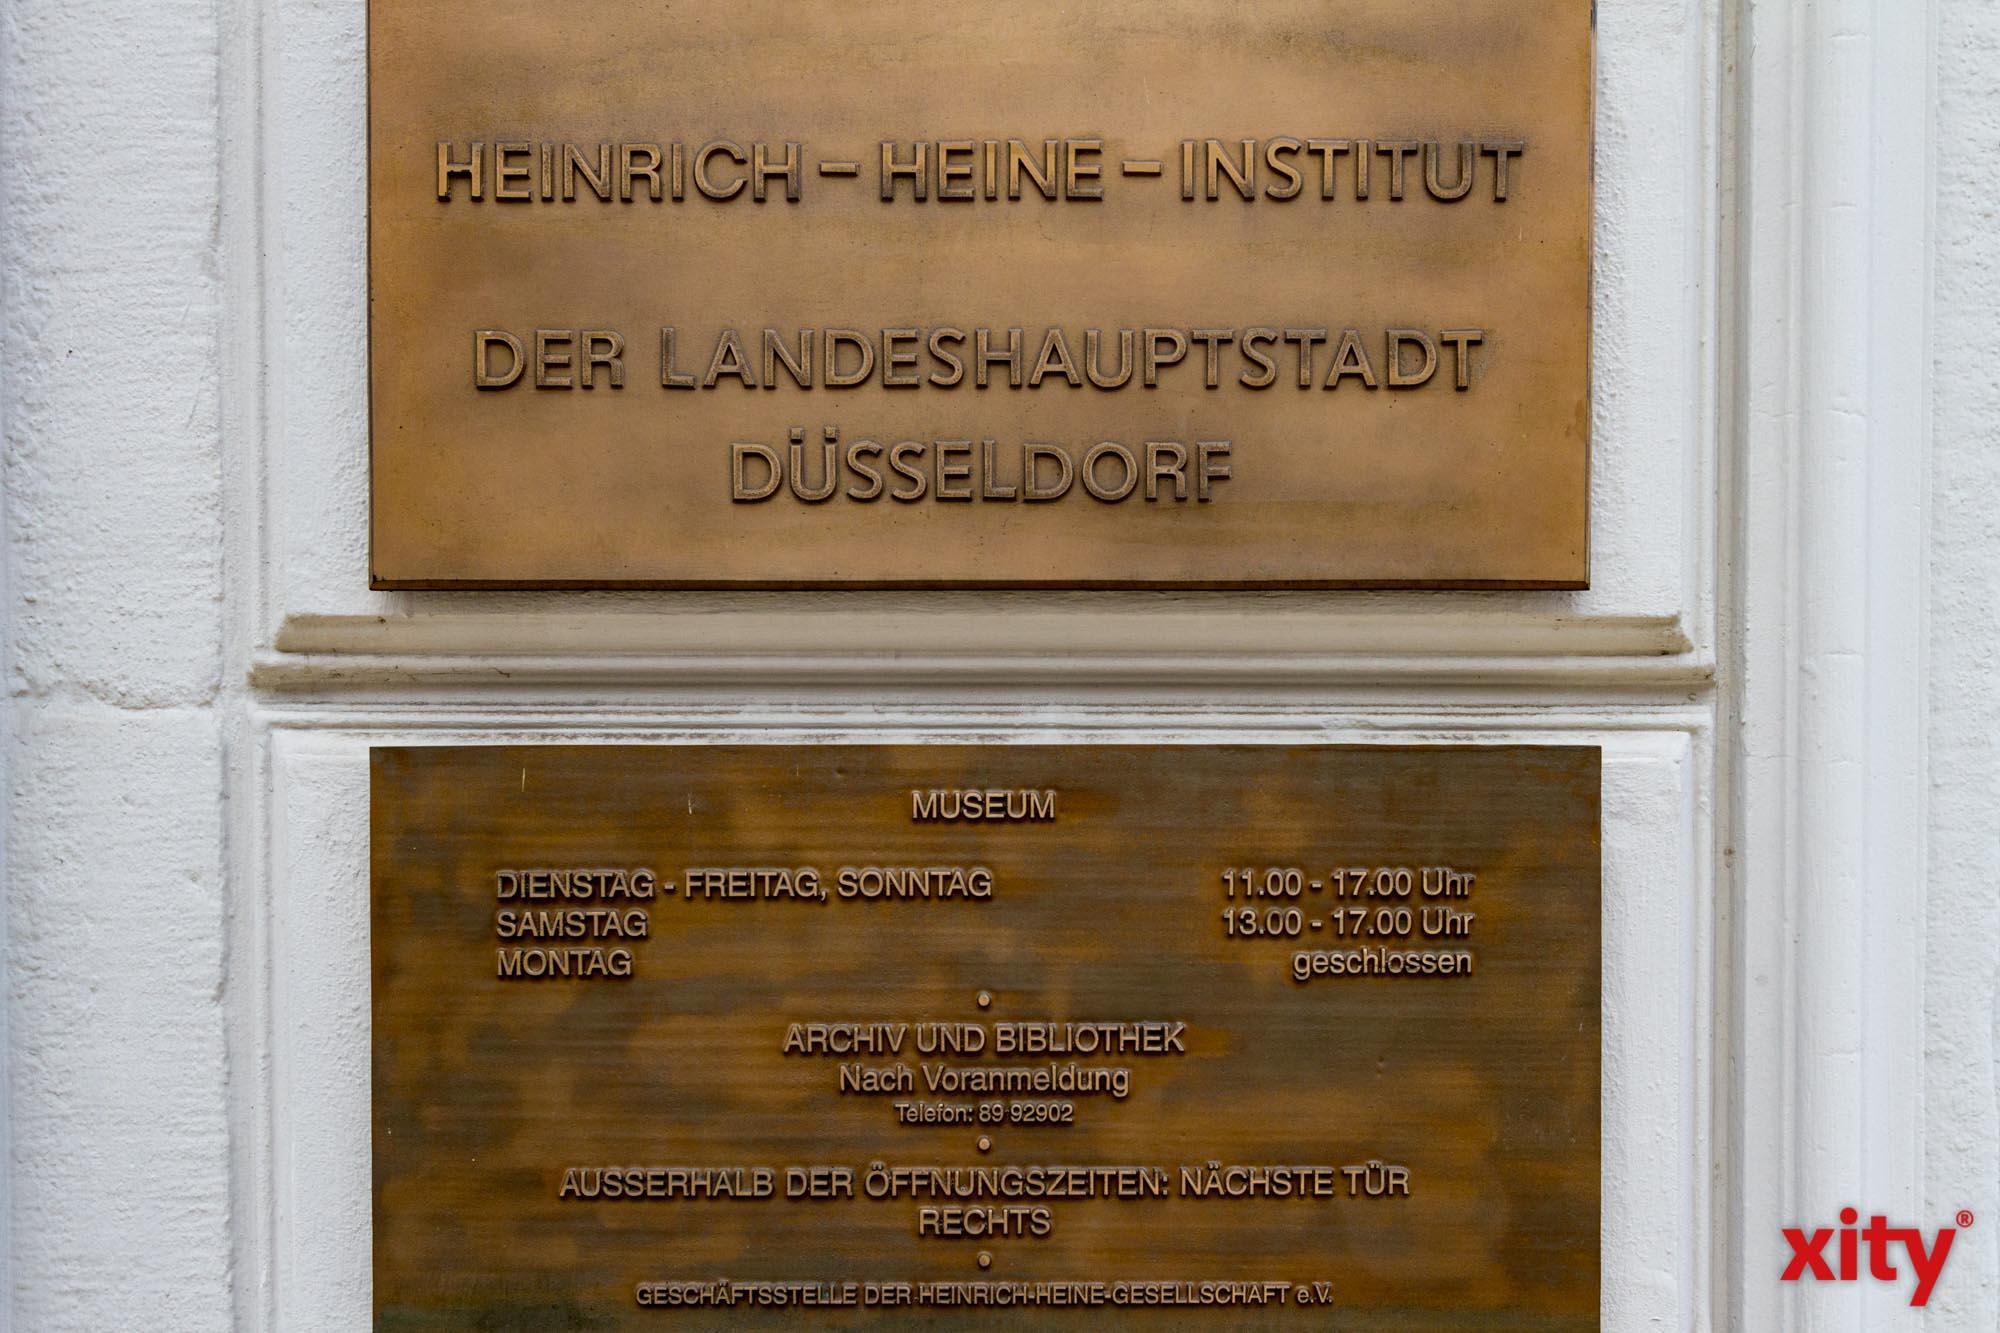 Literatur-Salon im Heinrich-Heine-Institut Düsseldorf (Foto: xity)